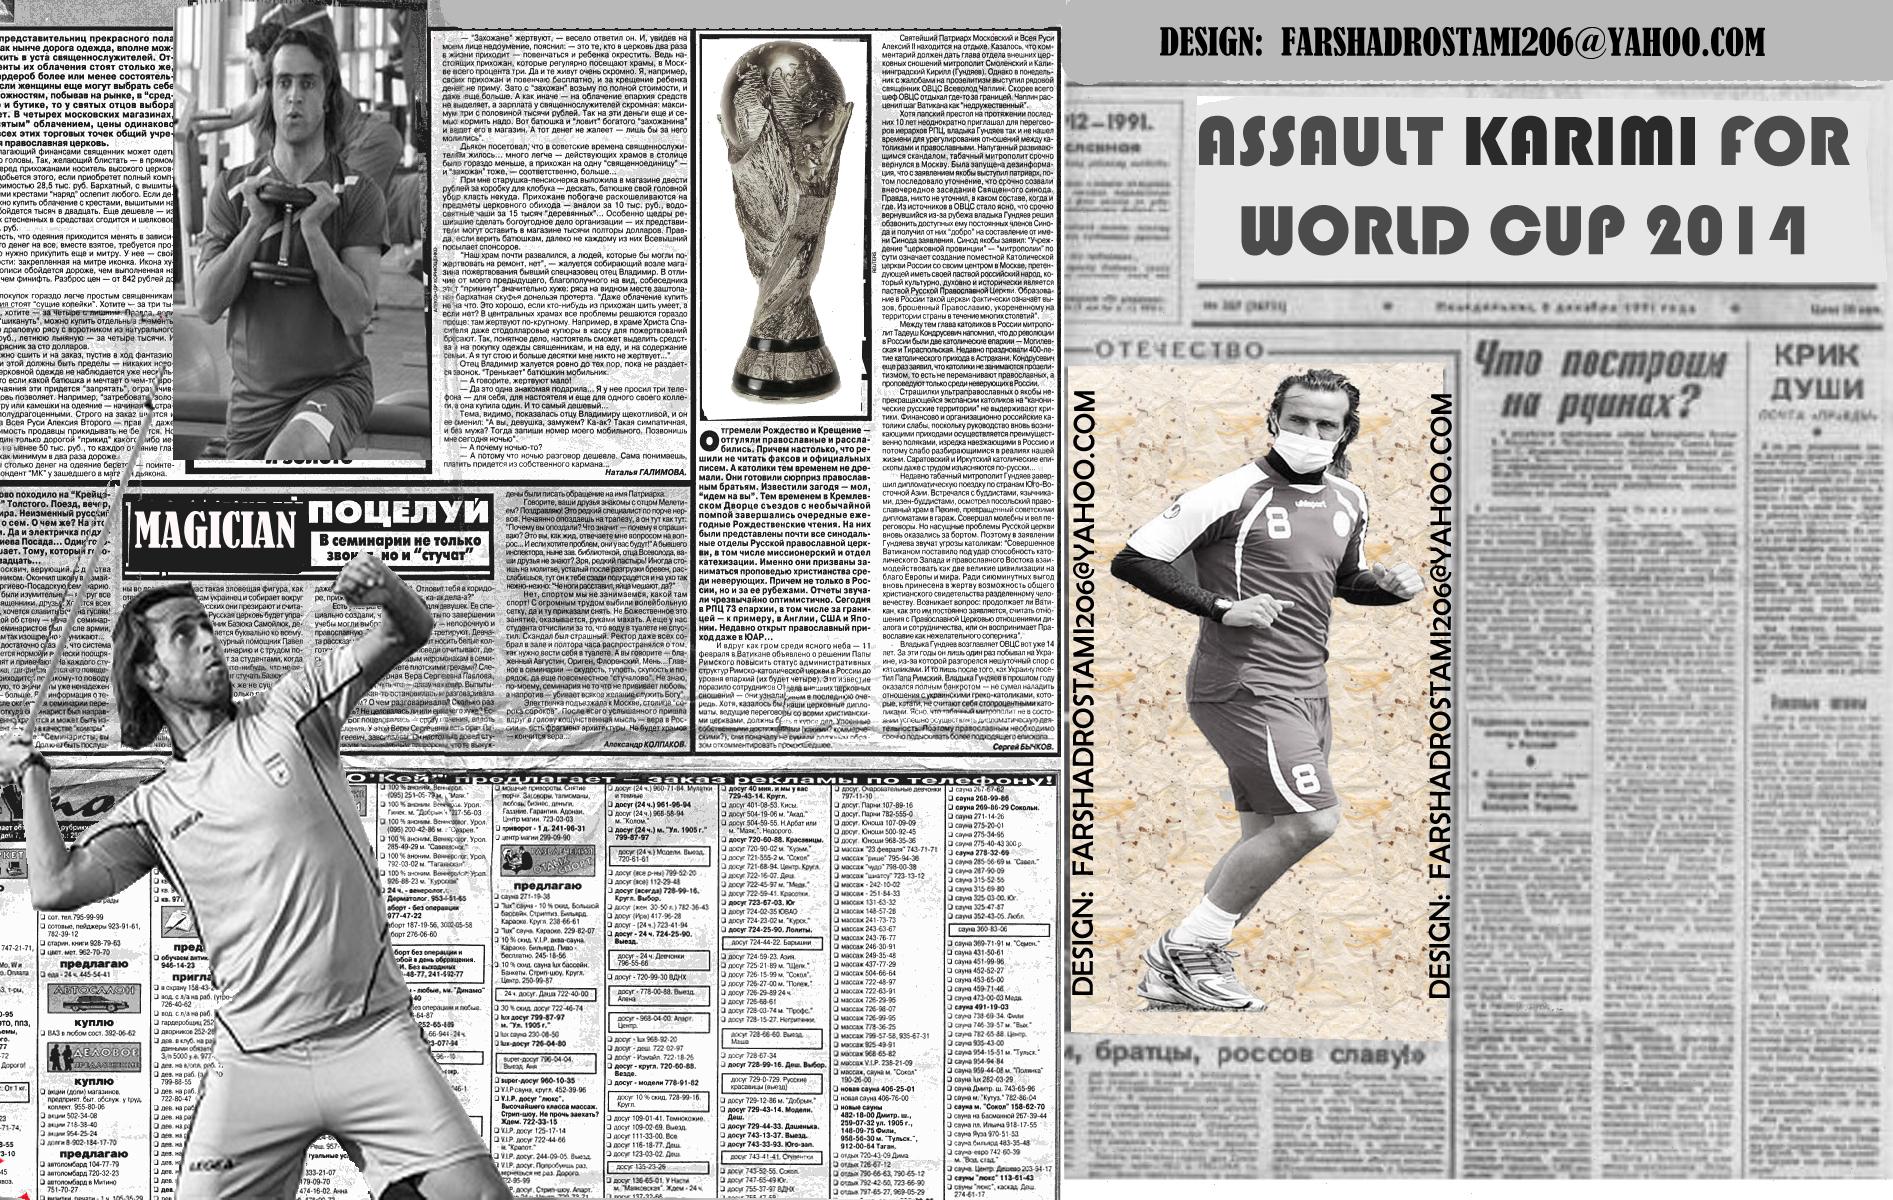 حمله کریمی به جام جهانی 2014